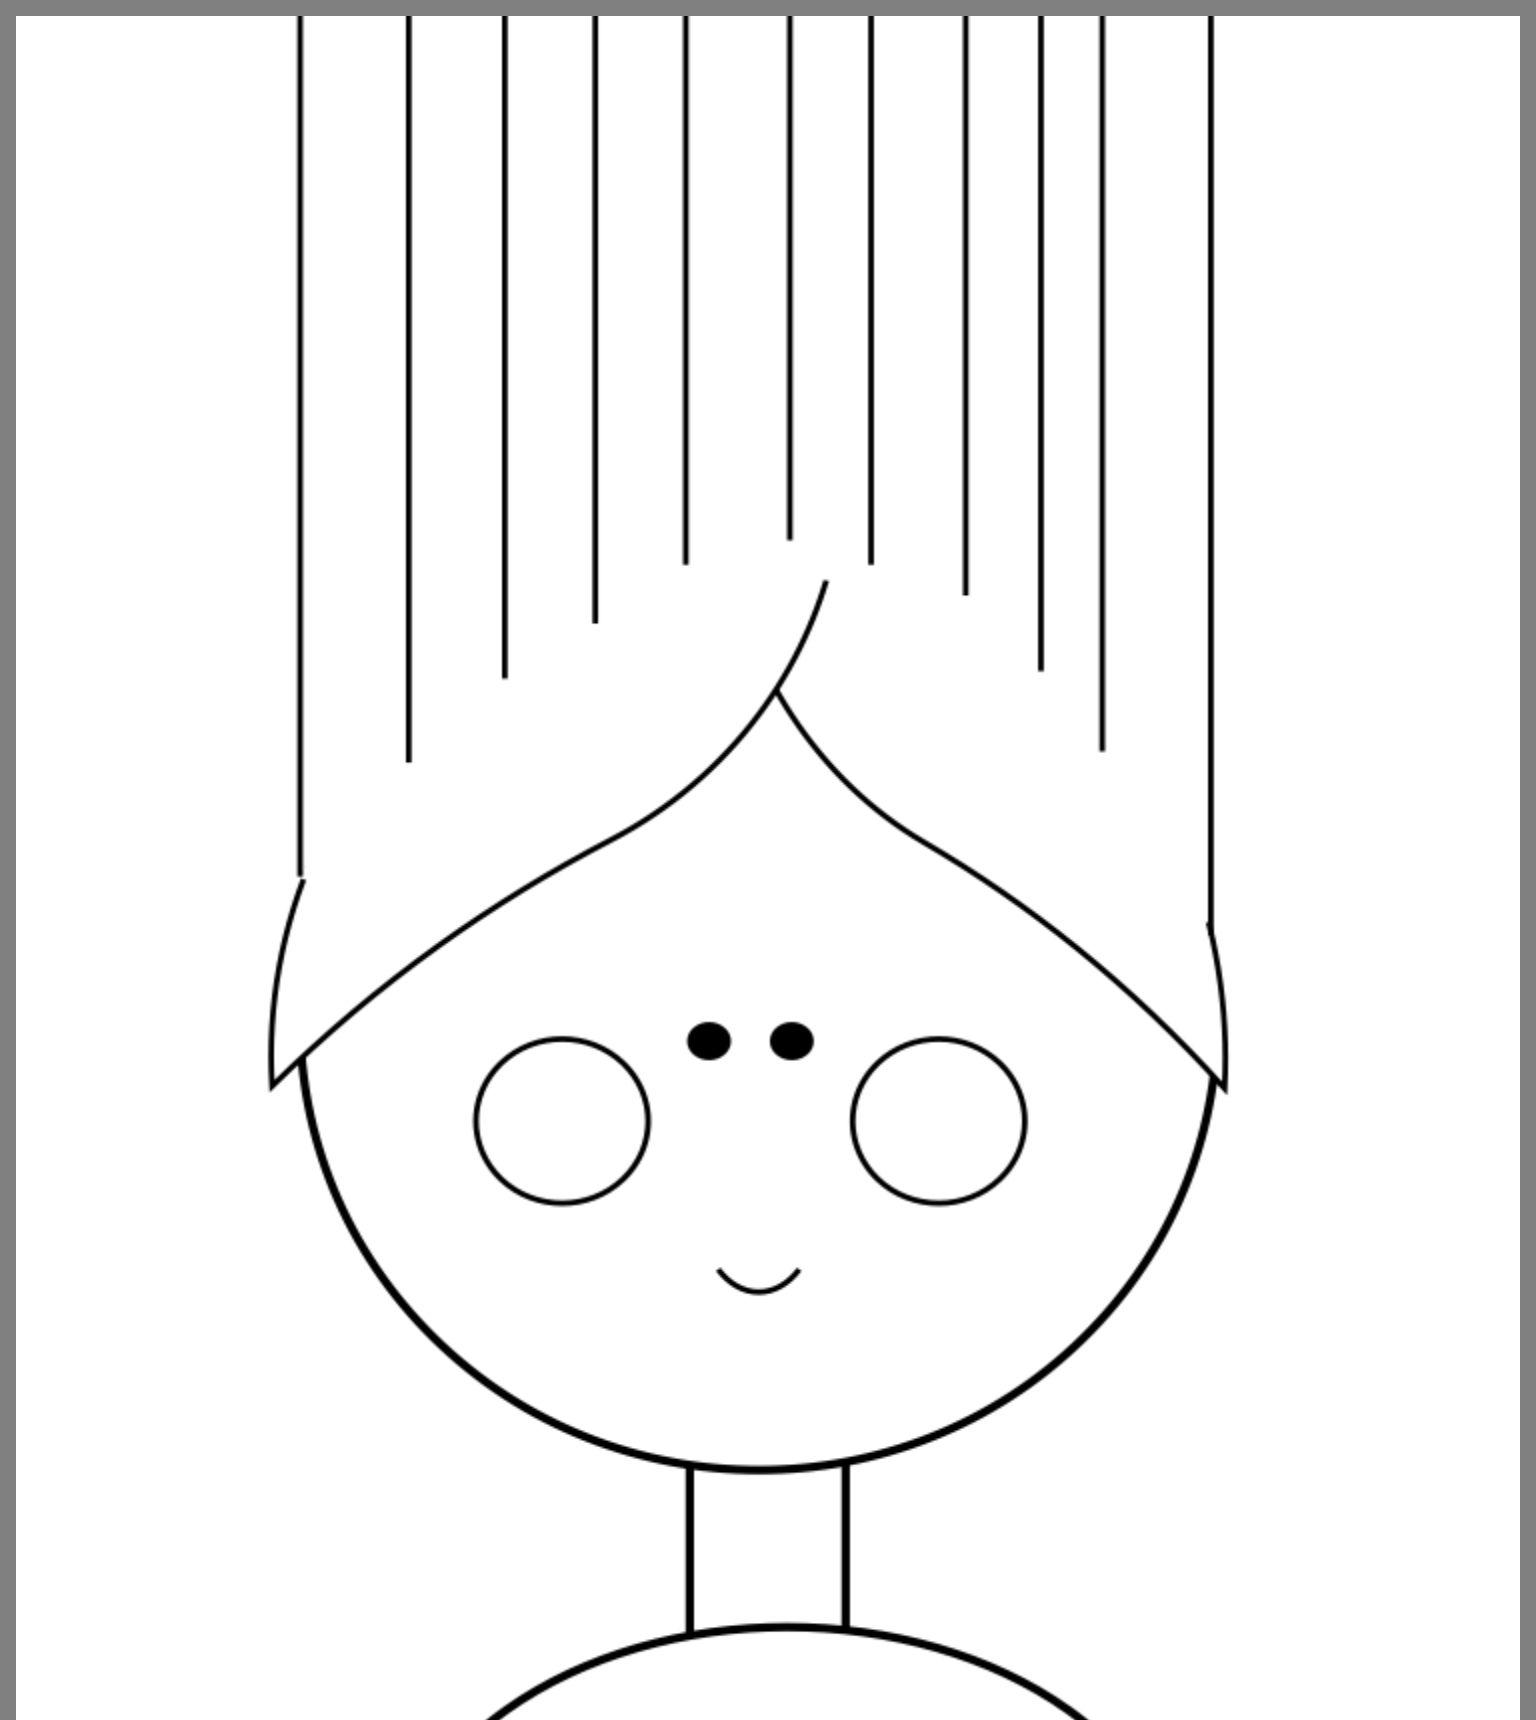 Pin By Kwin On Scissor Skills In